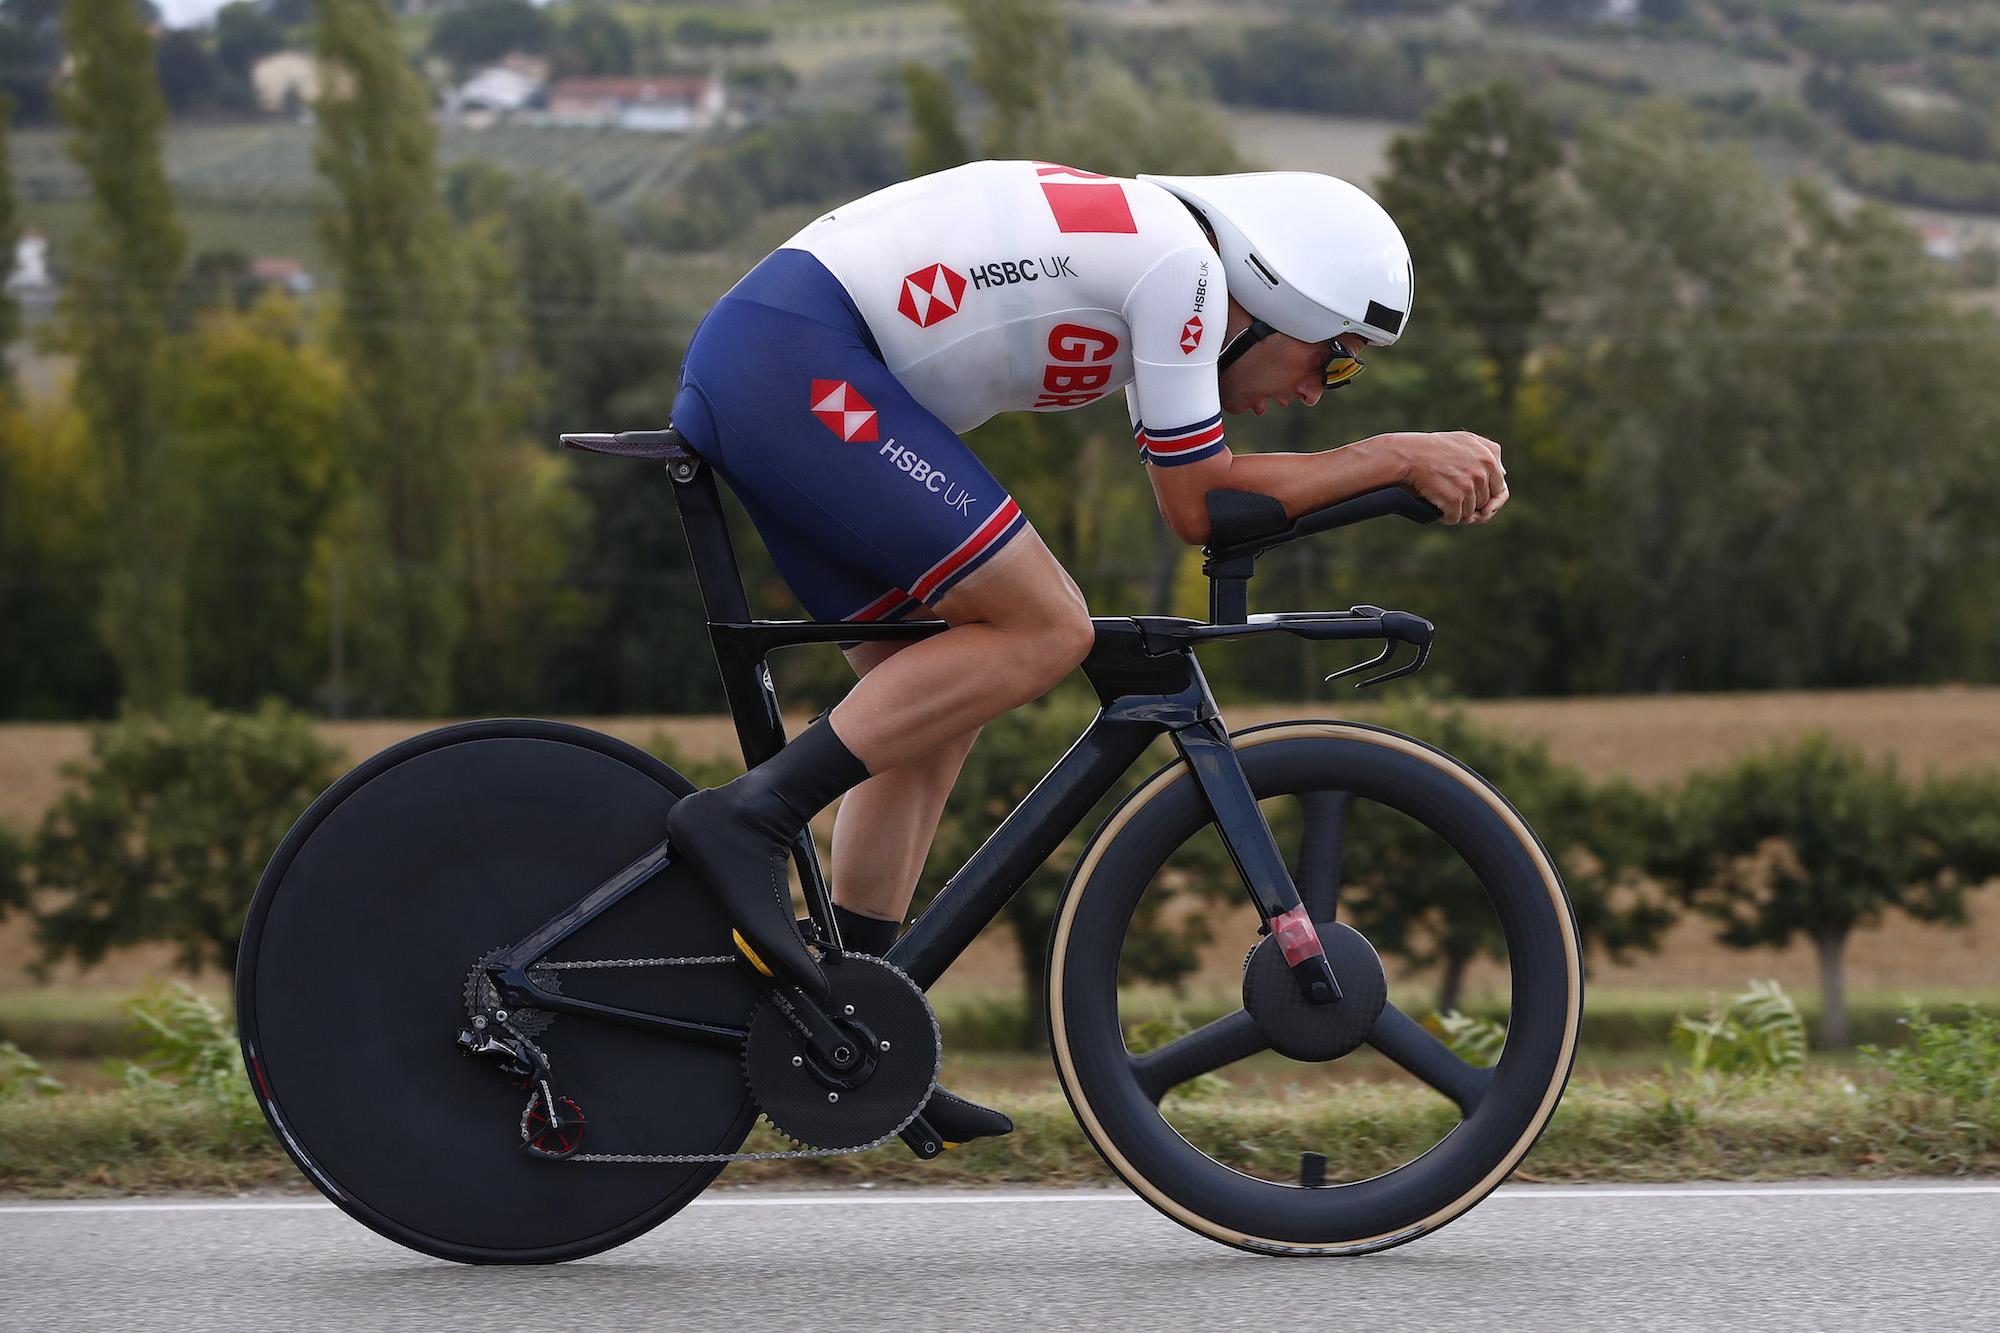 Campeonato del Mundo de Imola 2020: ¿Qué es la bicicleta de contrarreloj sin marca de Alex Dowsett?